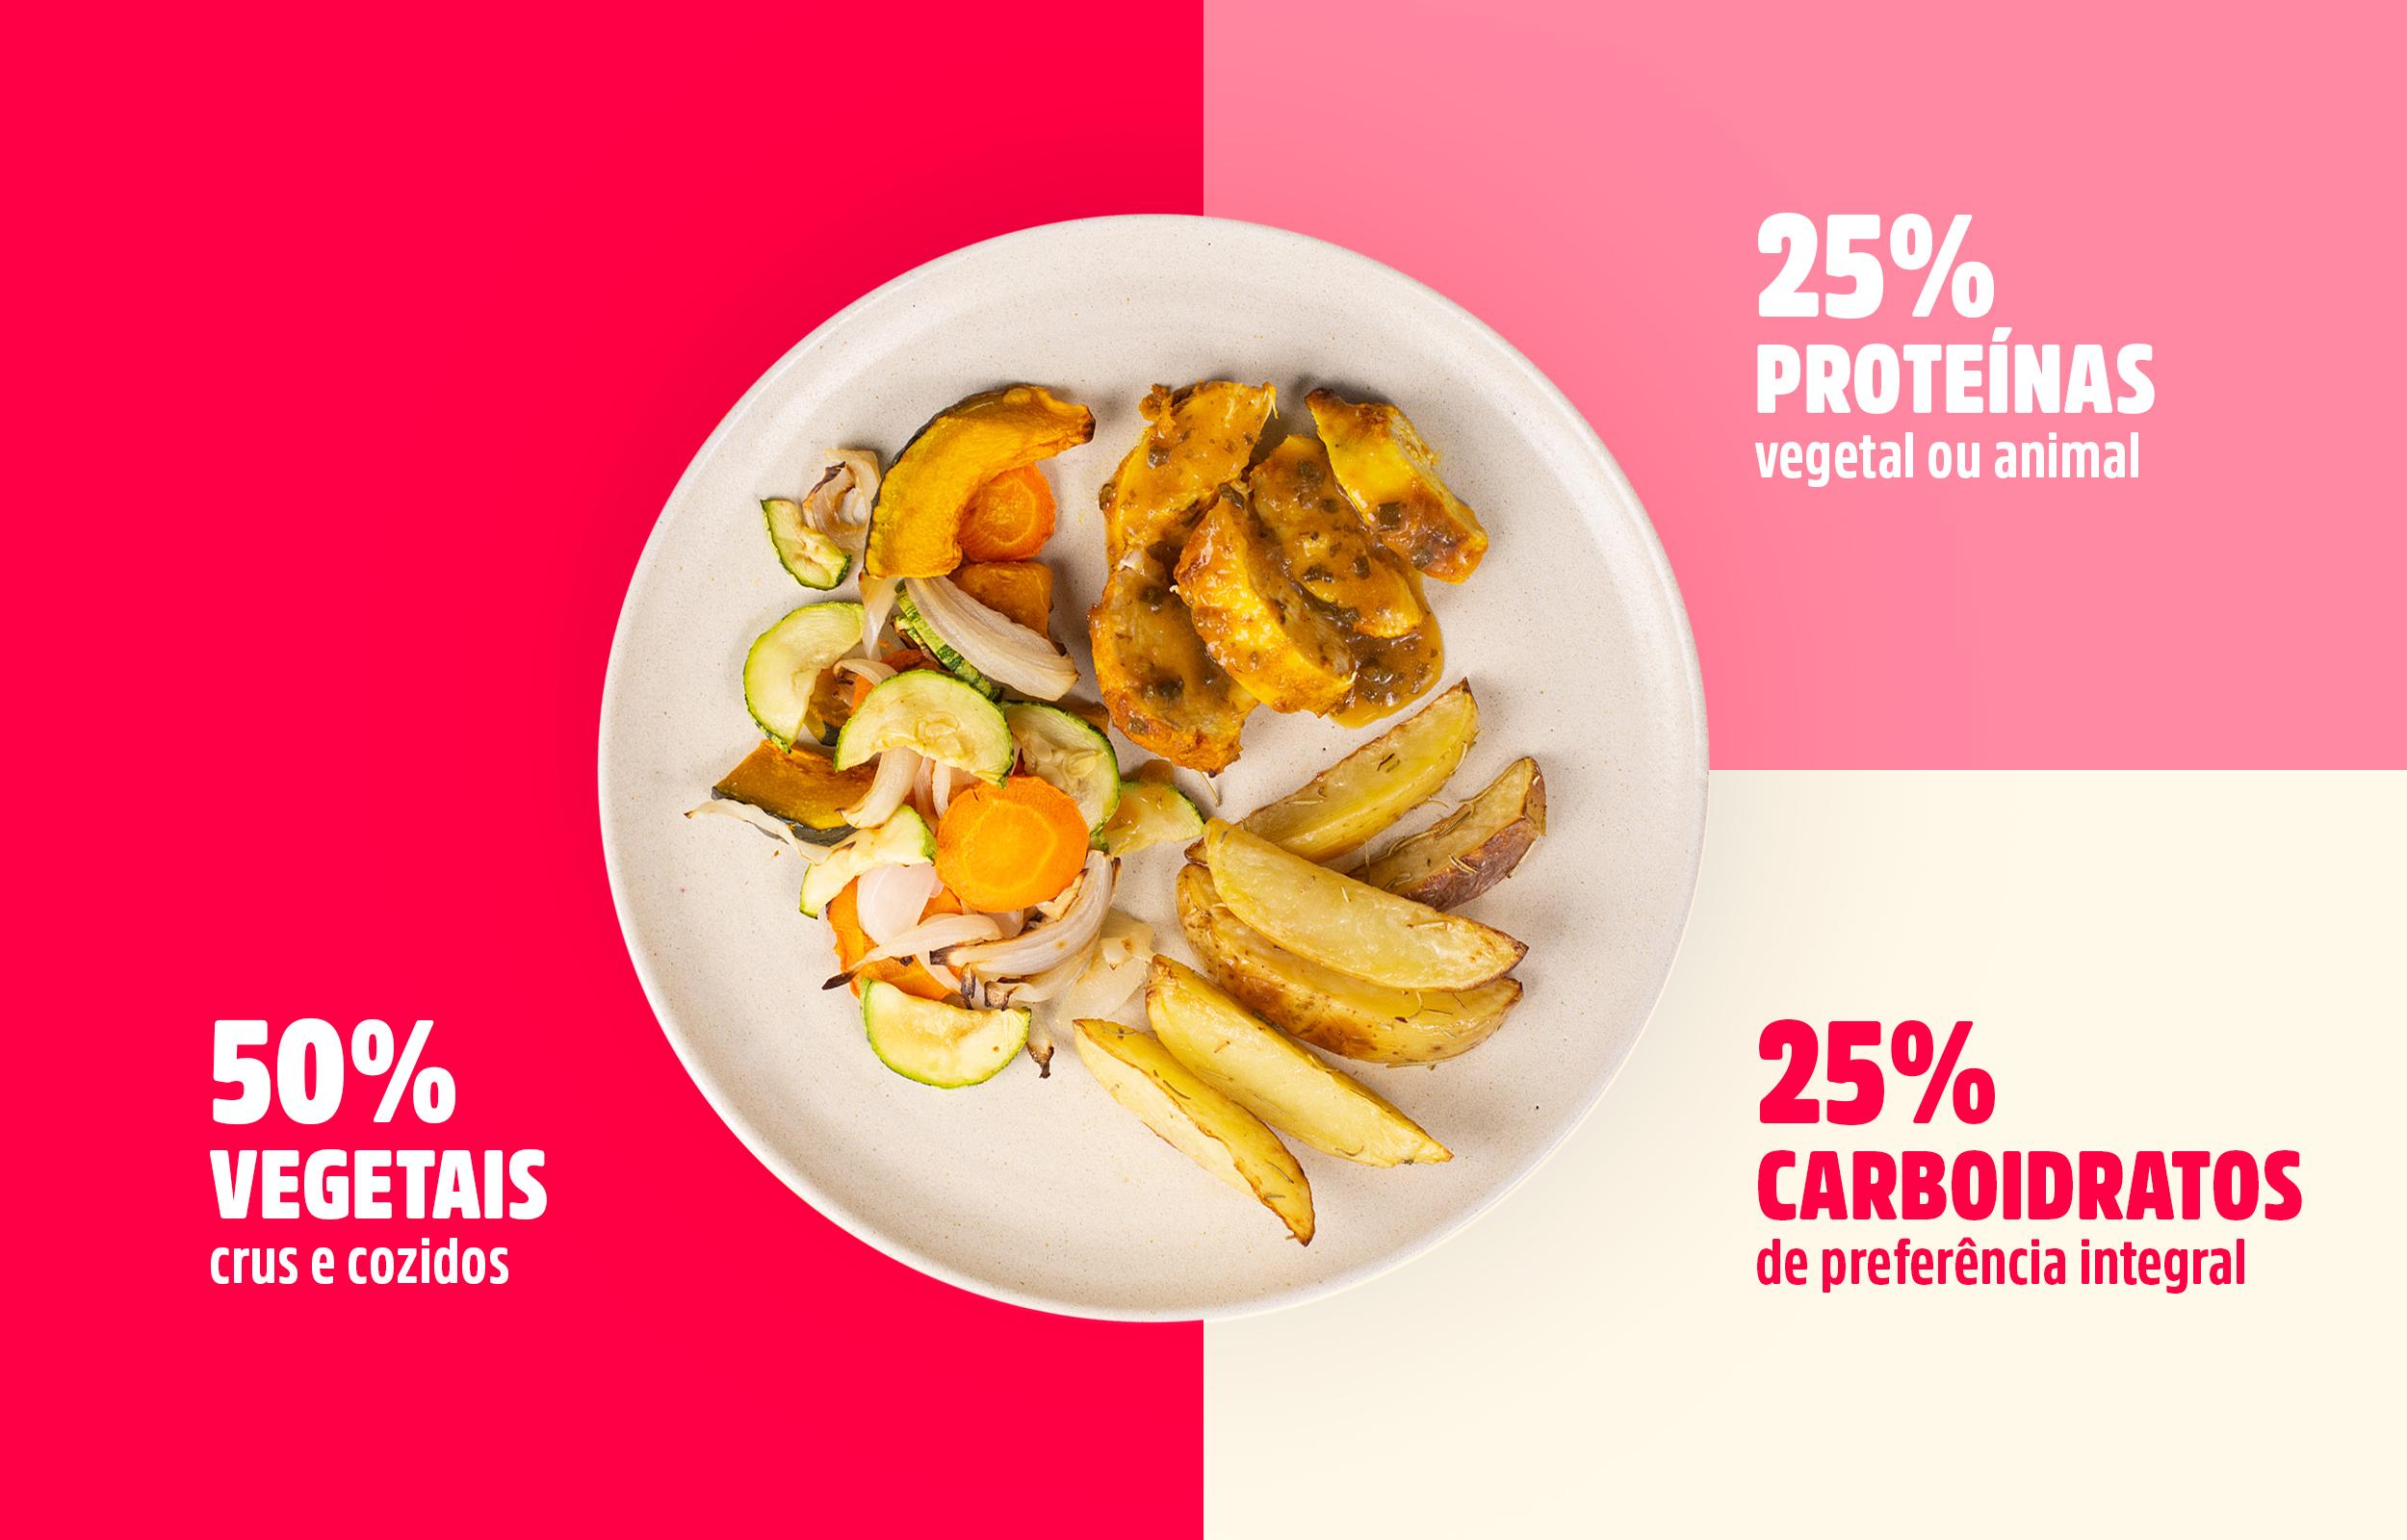 foto de um prato de alimentação saudável mostrando proporção dos alimentos